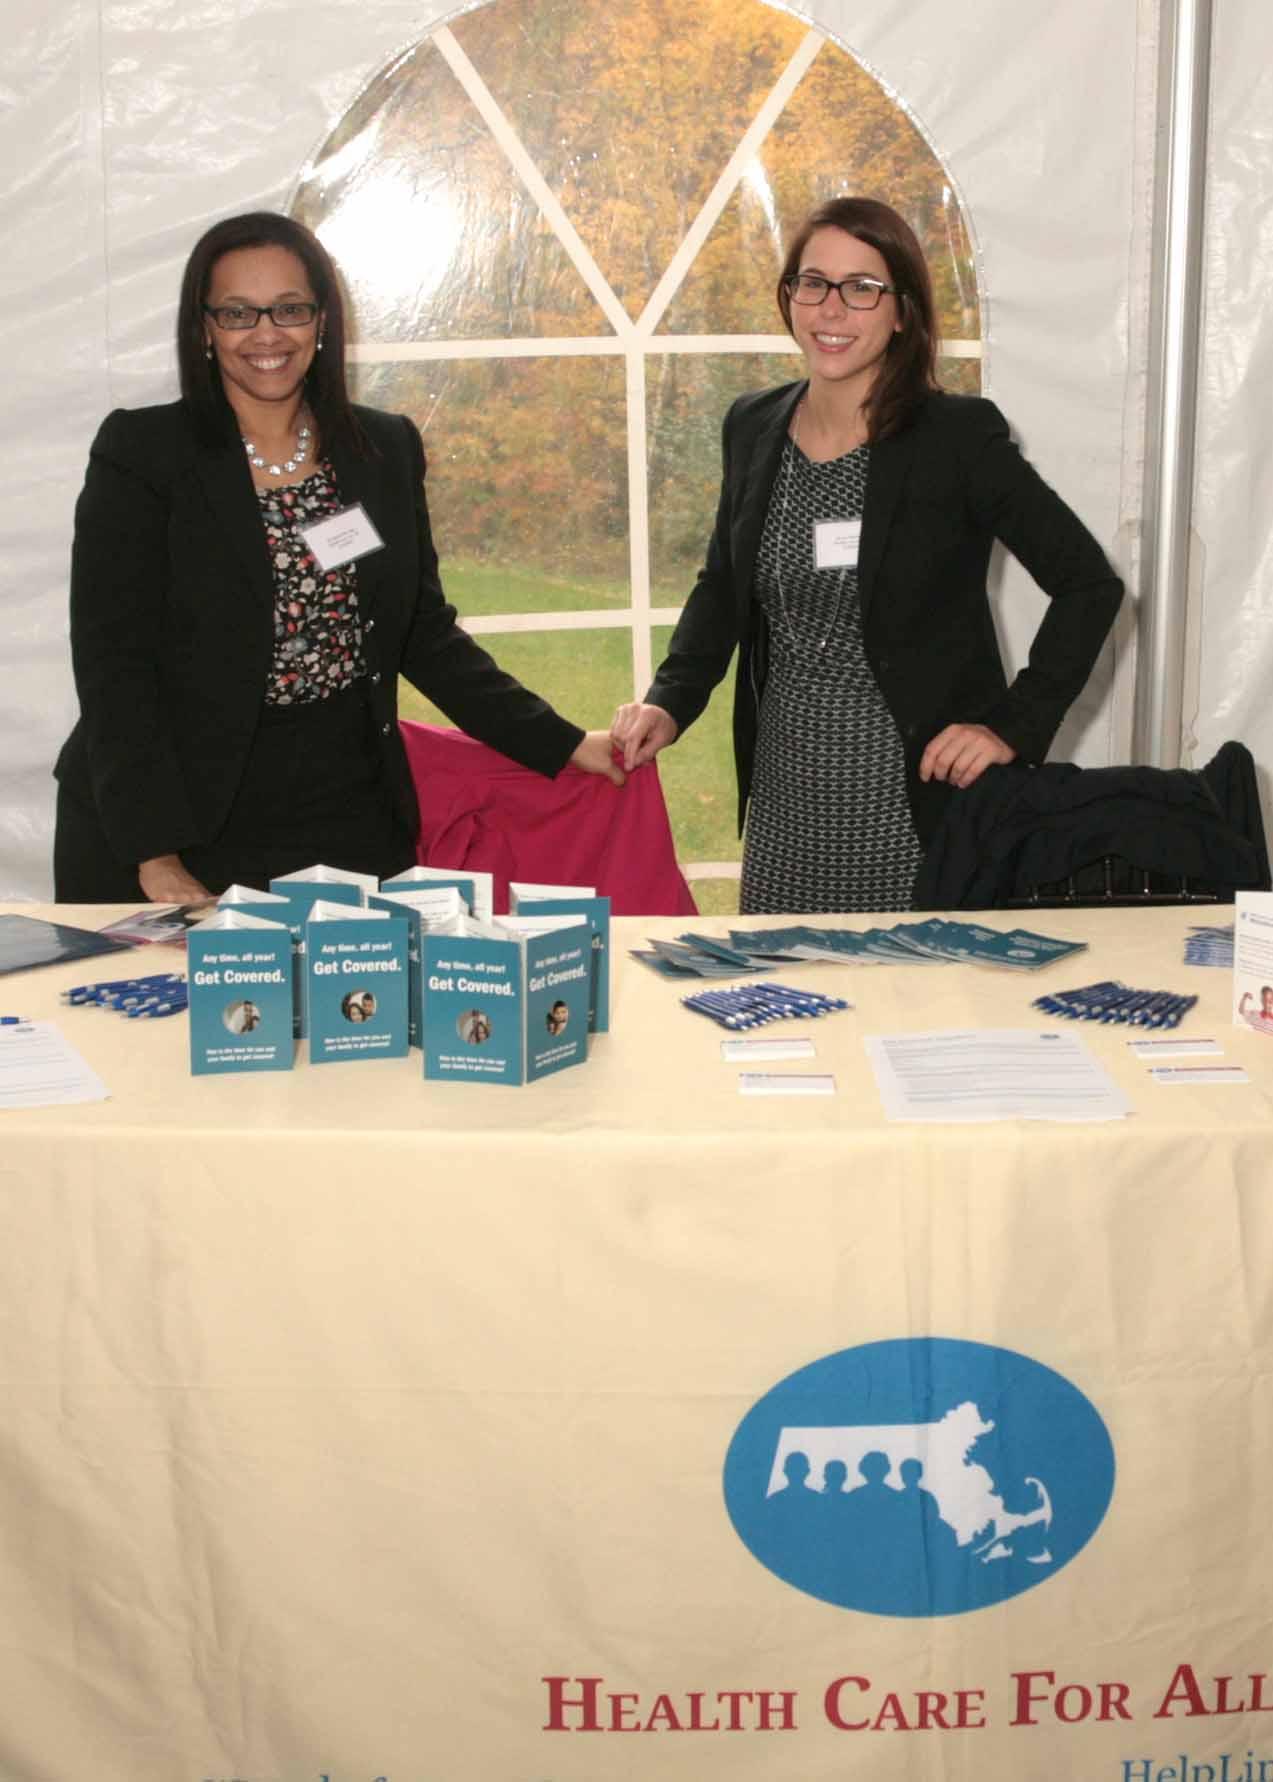 Healthcare for All - MA PTA Health Summit Vendor